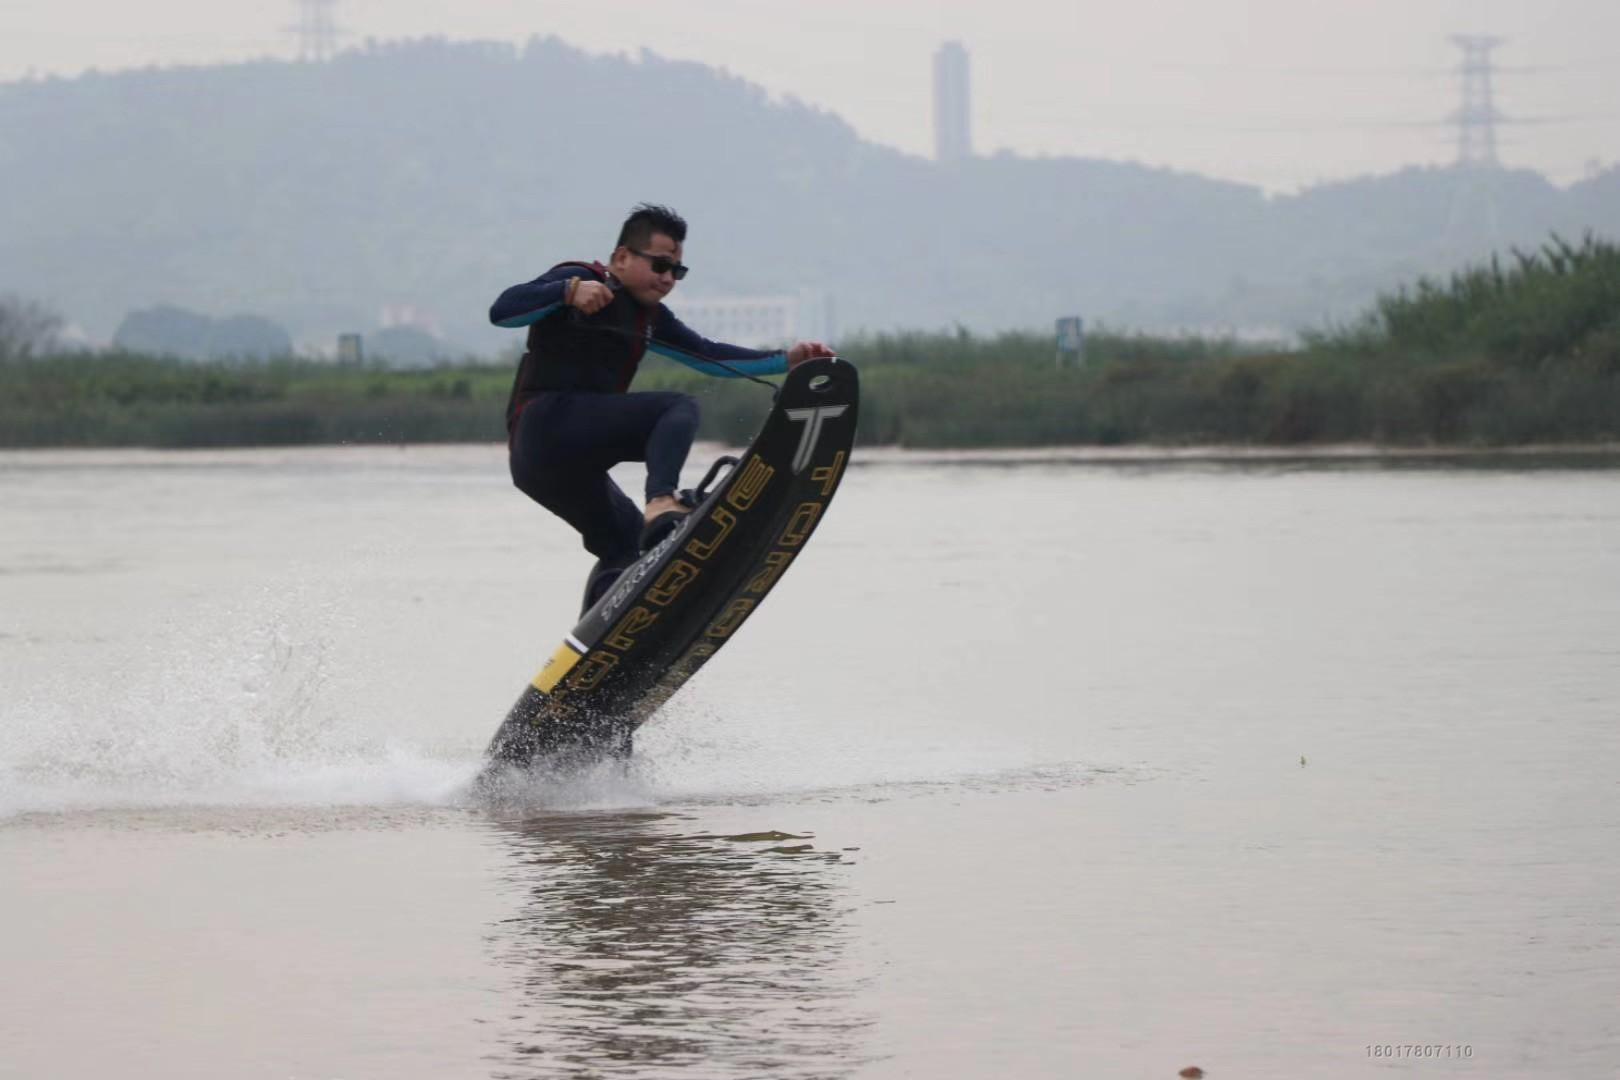 2020 new toke water super light carbon fiber electric board power surfboard water ski power board